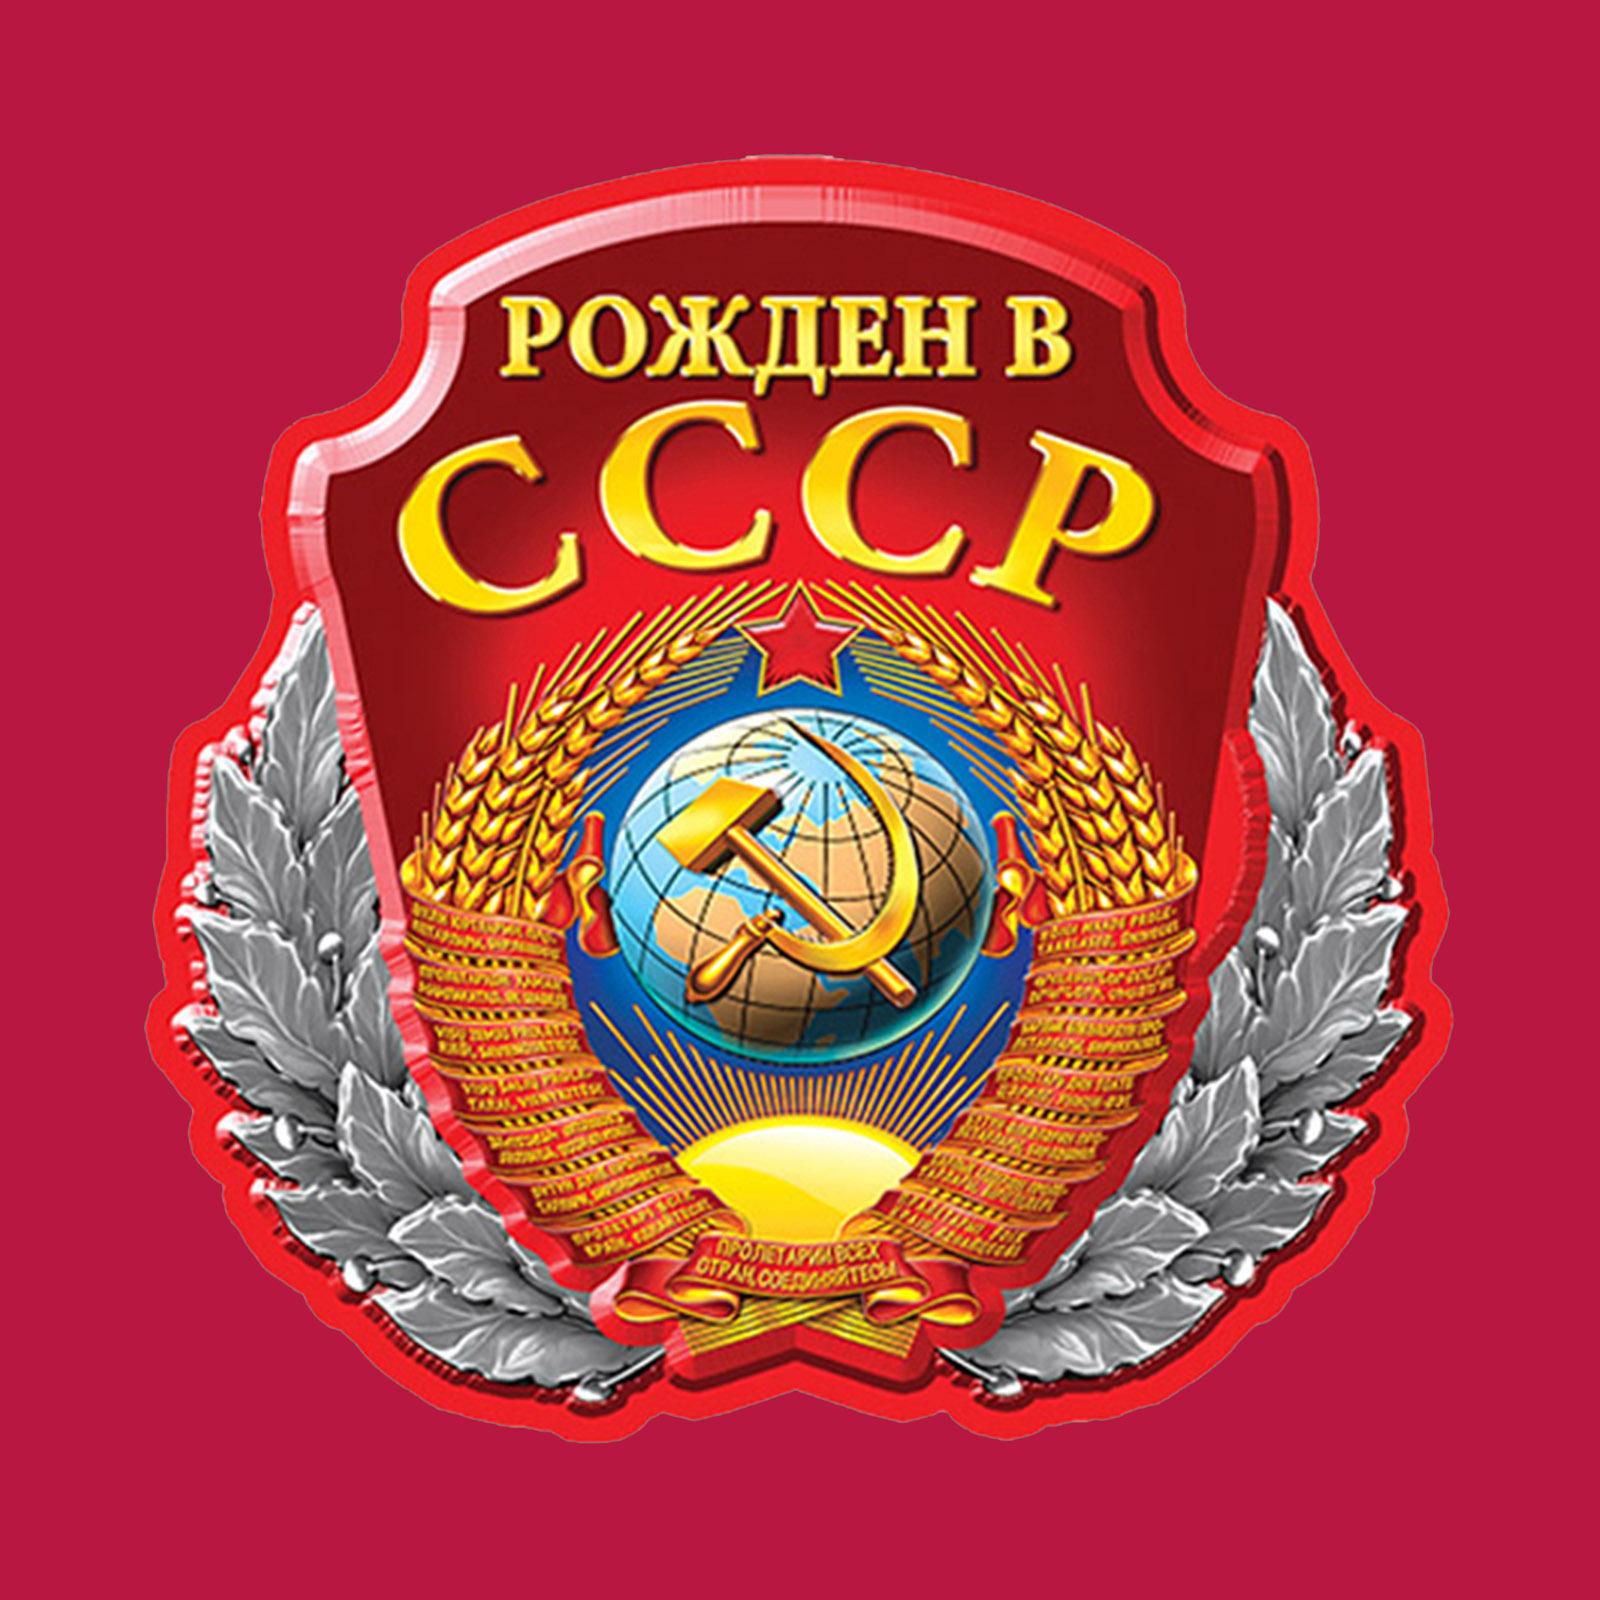 Купить оригинальную красную бейсболку с термотрансфером РОЖДЕН В СССР оптом выгодно